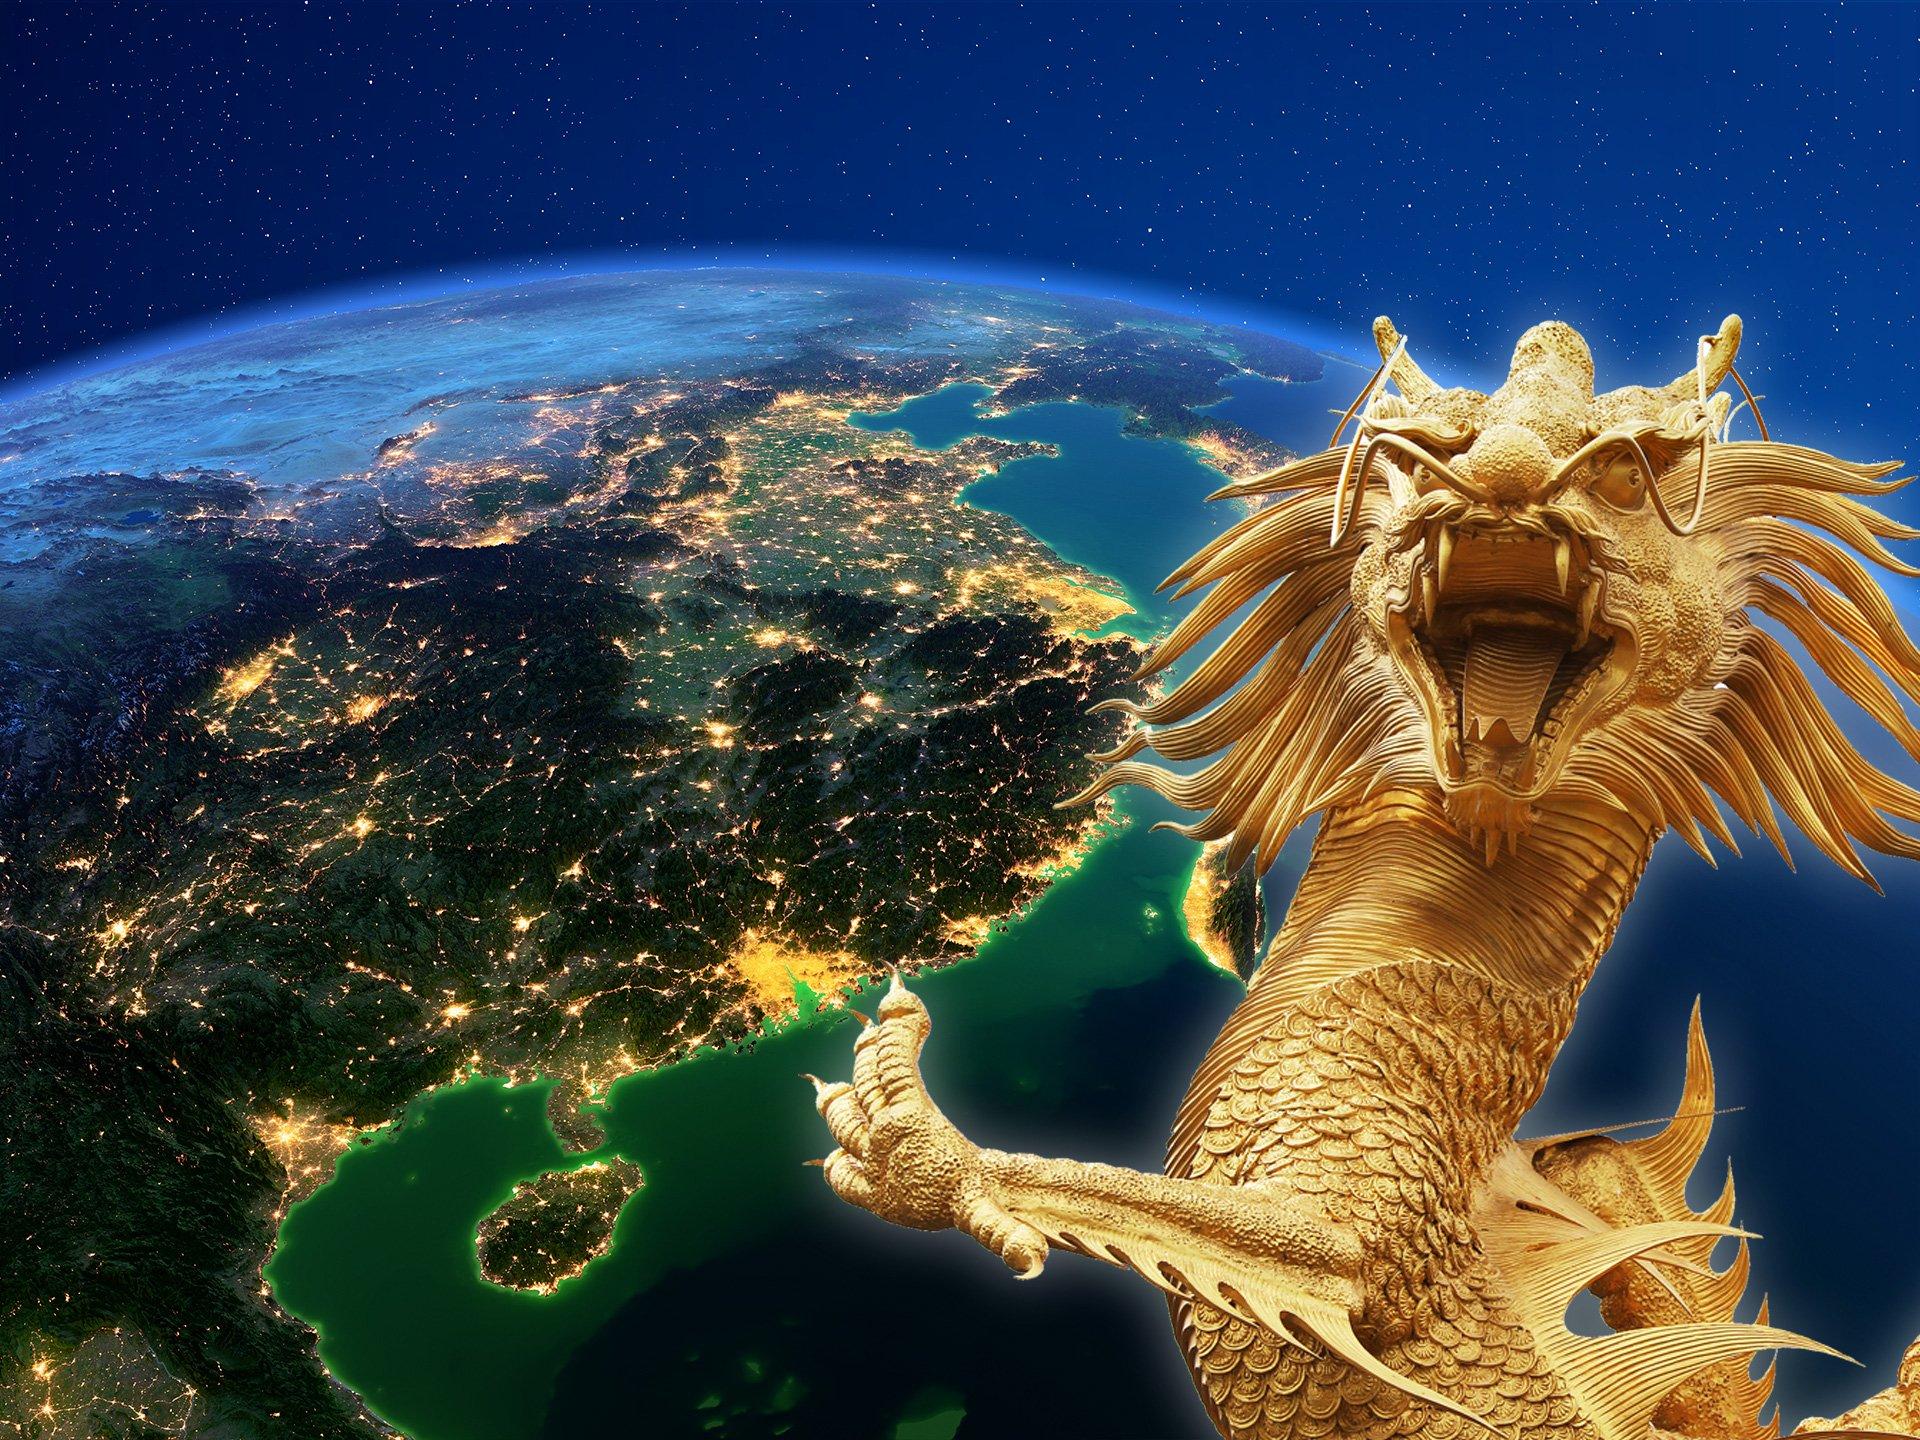 Satellitenaufnahme von China und chinesischer Drache im Vordergrund